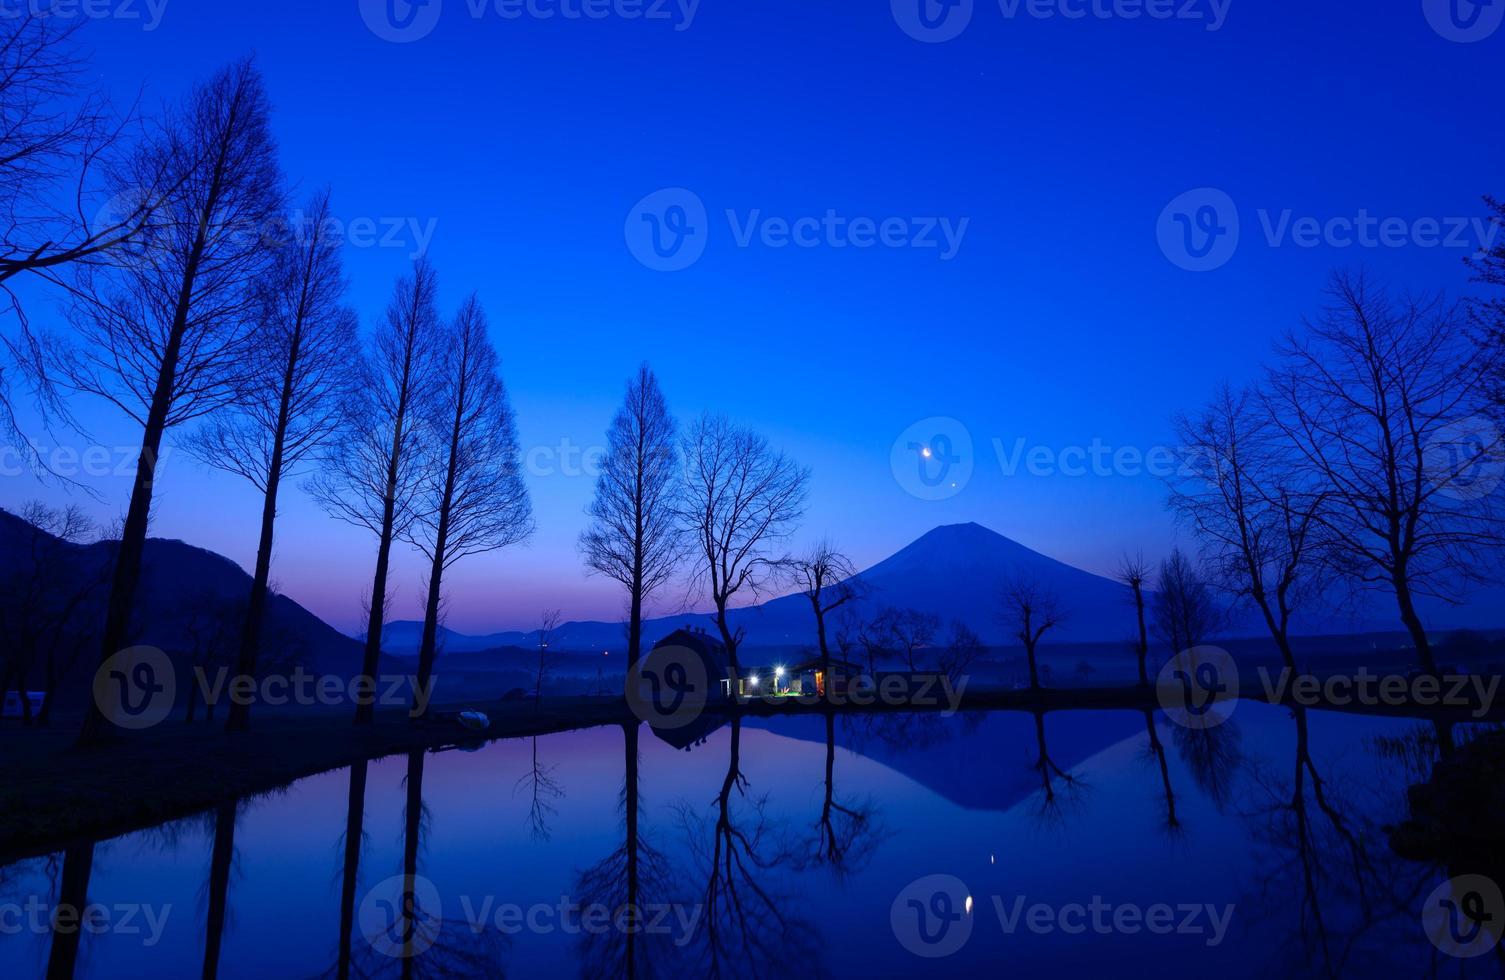 Mt.Fuji and a small pond at dawn photo